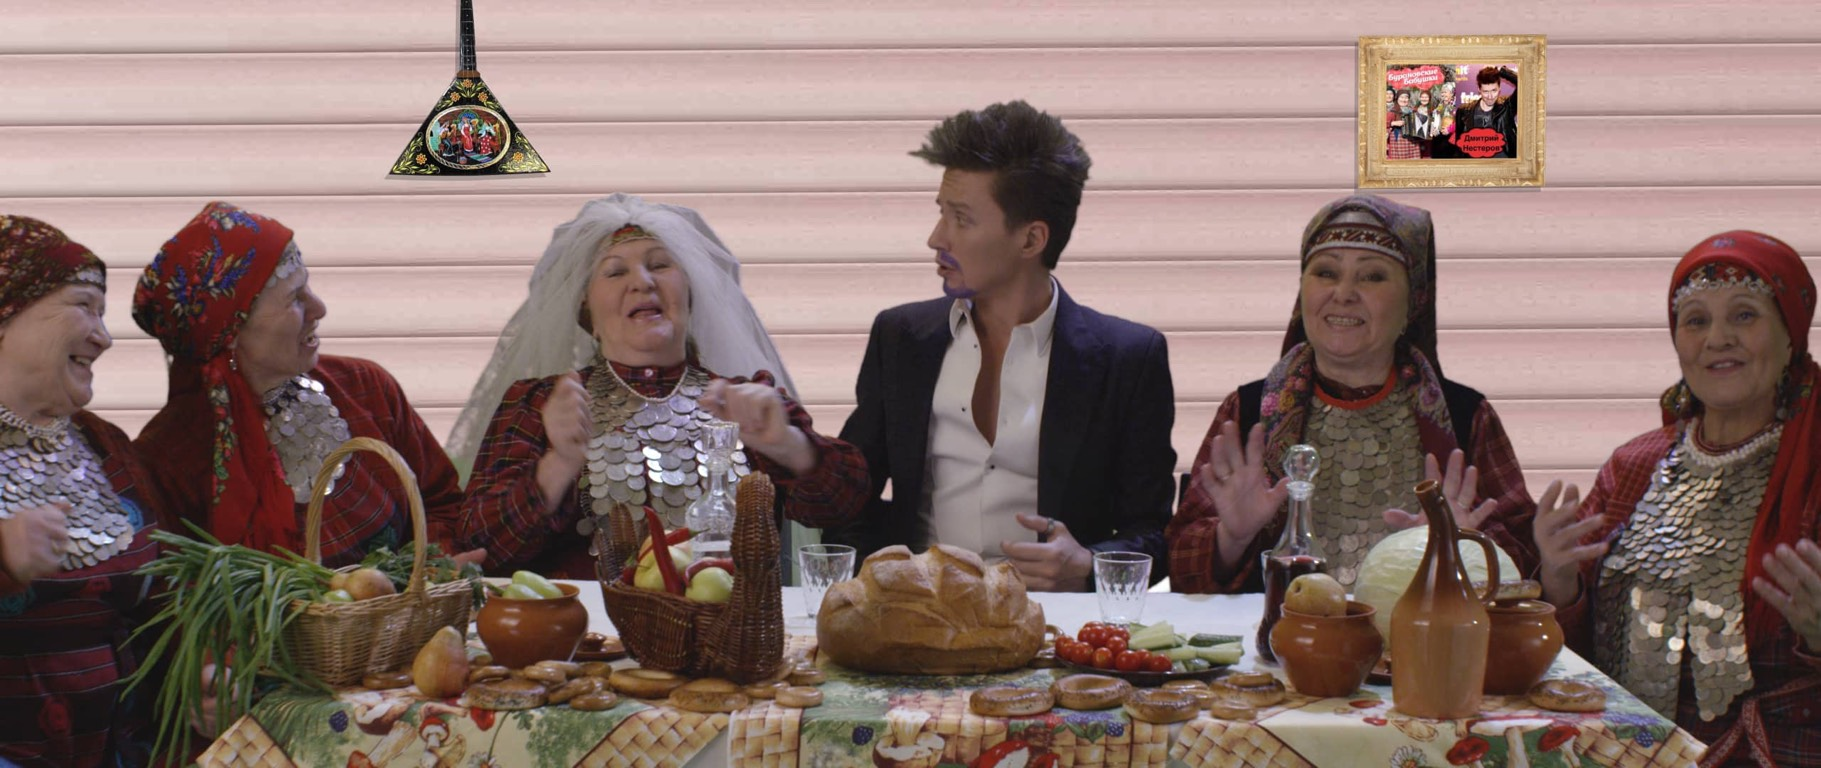 Бурановские бабушки видео качество скачать